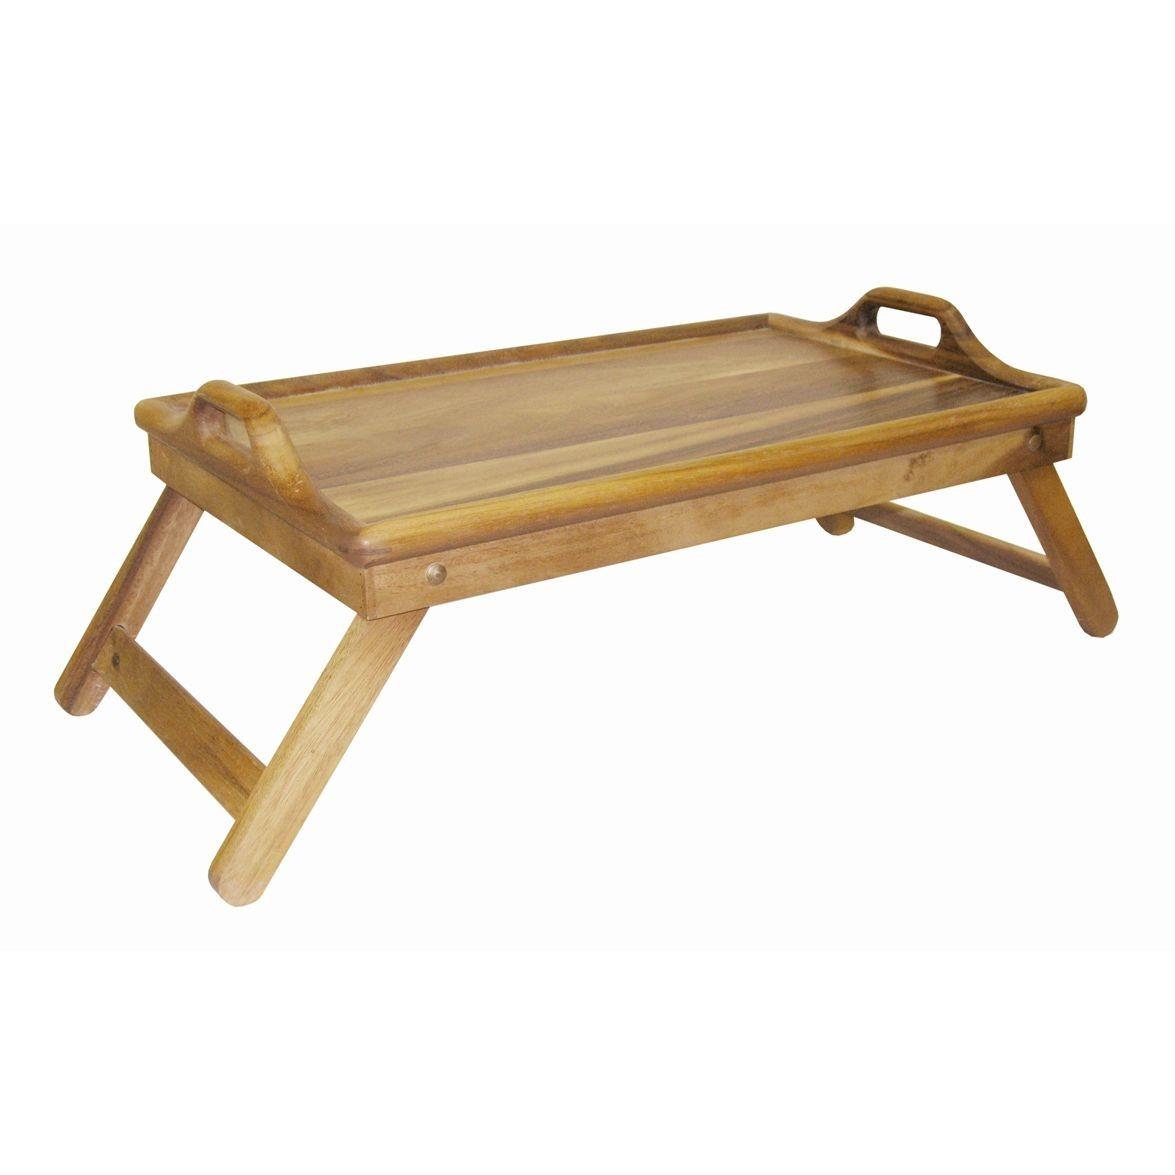 Столик для завтрака тонированныйБренд Oriental Way уже более 15 лет создает стильную и высококачественную посуду из натуральной тропической древесины и бамбука. Стол для завтрака станет Вашим лучшим другом по утрам. С помощью такого аксессуара Вы сможете позавтракать прямо не вылезая из теплой кровати. Если вам захочется удивить свою вторую половинку, то для создания романтической атмосферы такой стол подойдет лучшего всего. Деревянное изделие не впитывает влагу и запахи, а также имеет долгий срок службы, по сравнению с другими материалами. Стол для завтрака может быть отличным подарком.<br>